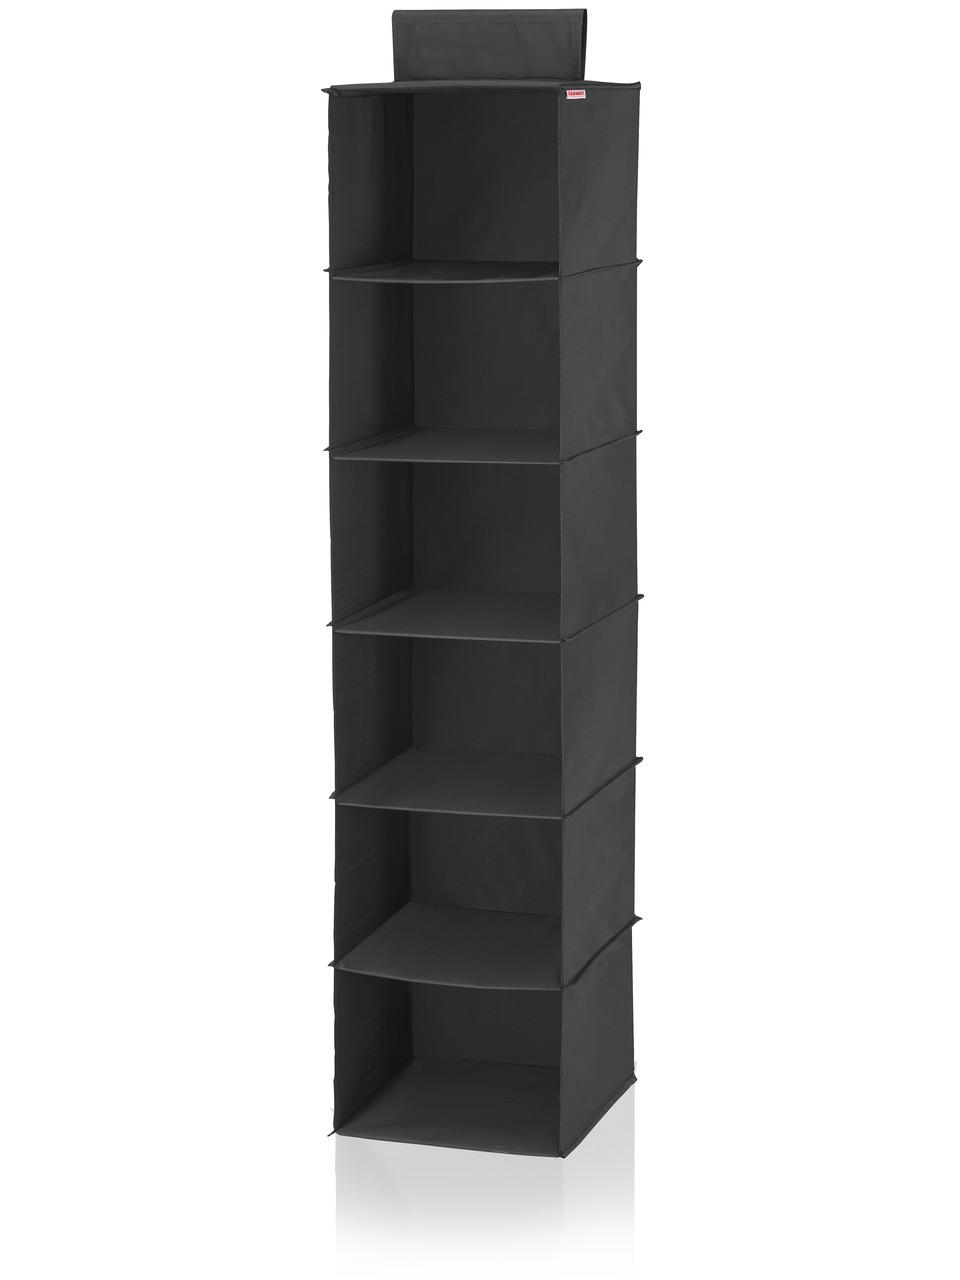 LEIFHEIT Závěsný policový díl - black LEIFHEIT 80003